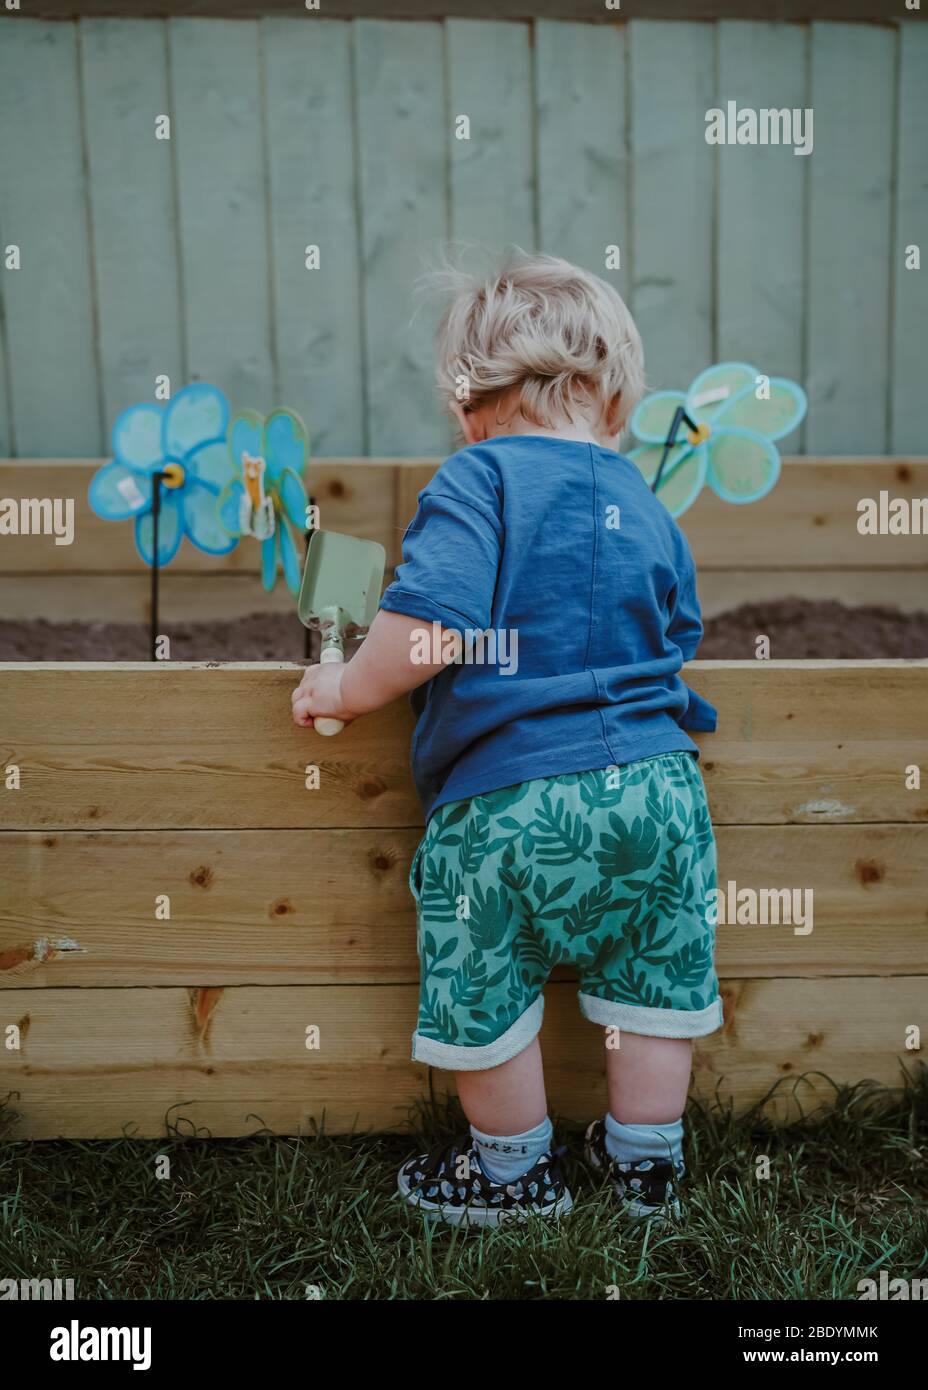 Kleiner Junge Kleinkind im Garten Stockfoto